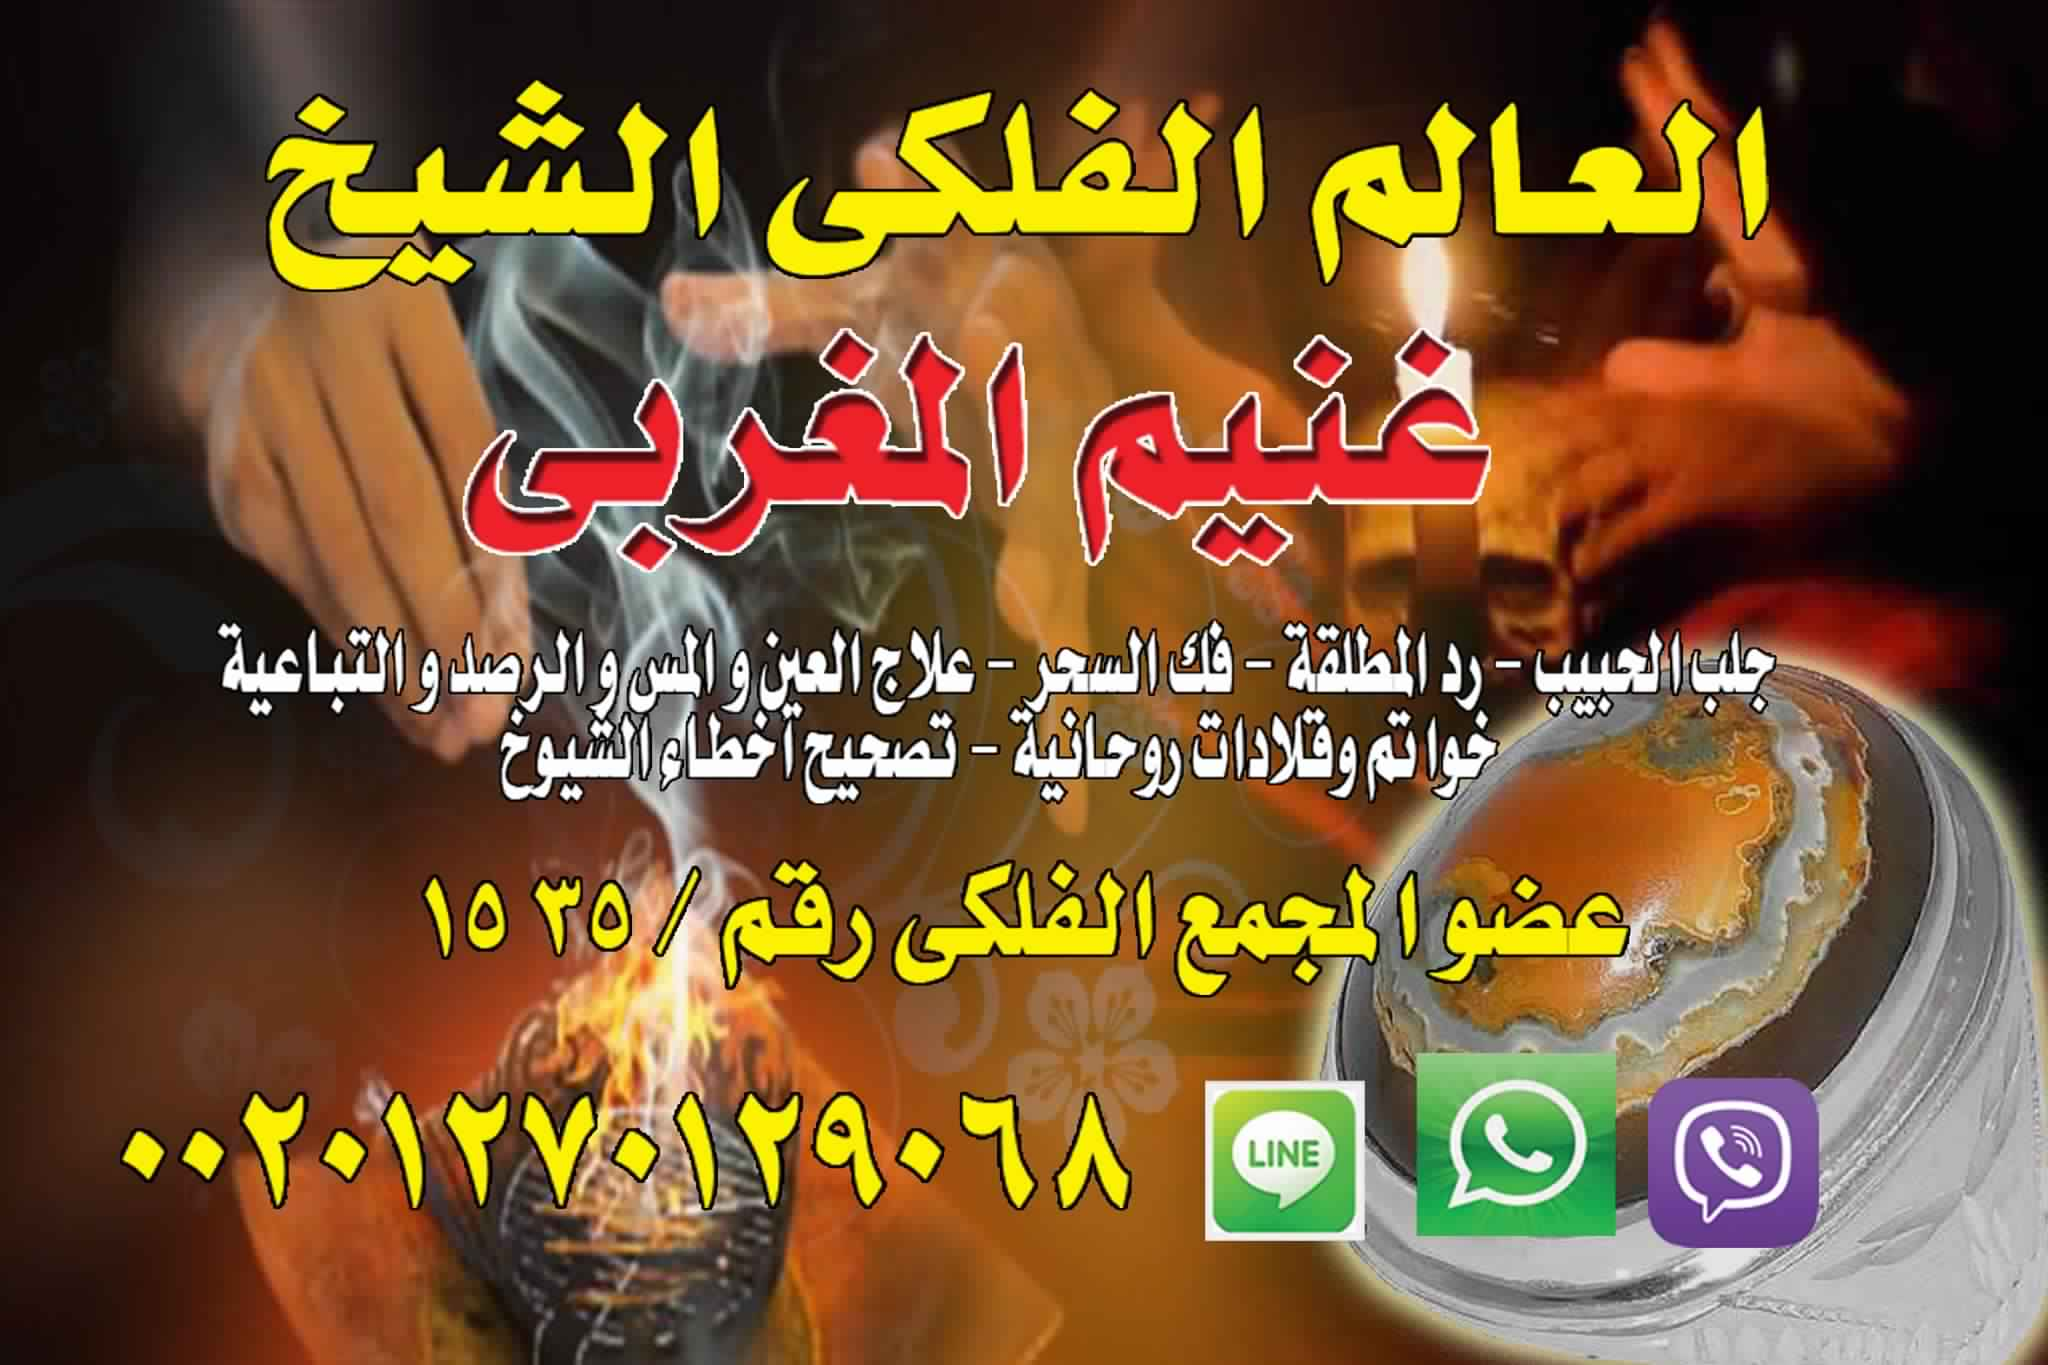 الحبيب العنيد بالملح/ 00201270129068